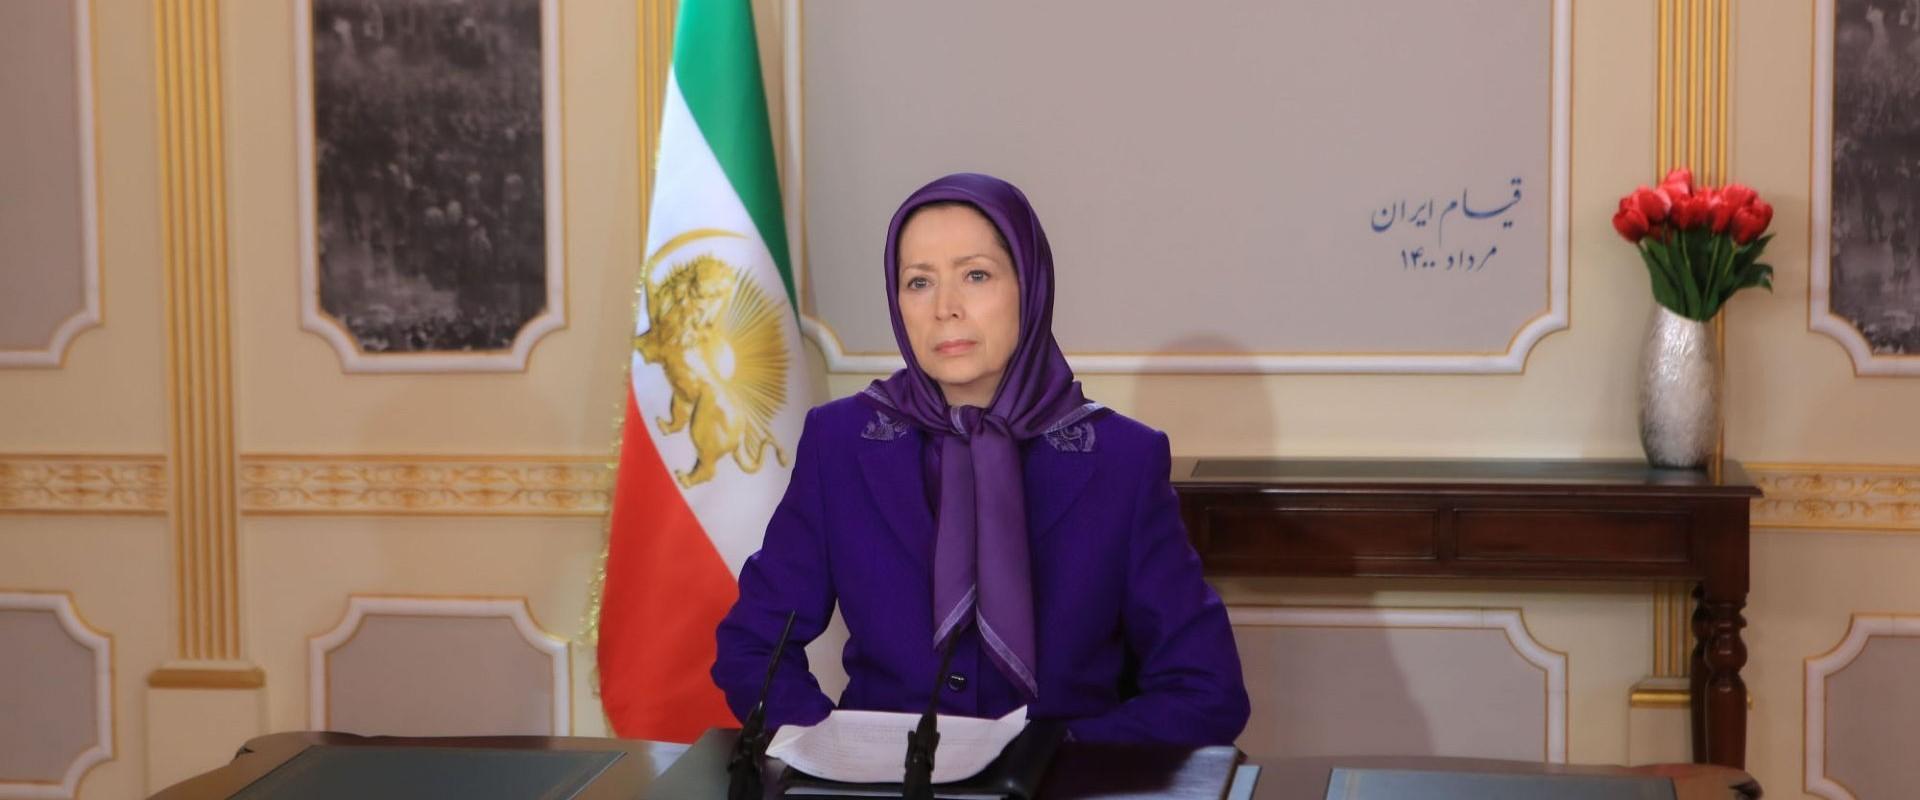 قیام ایران از خوزستان تشنه و رنجدیده شعله کشید